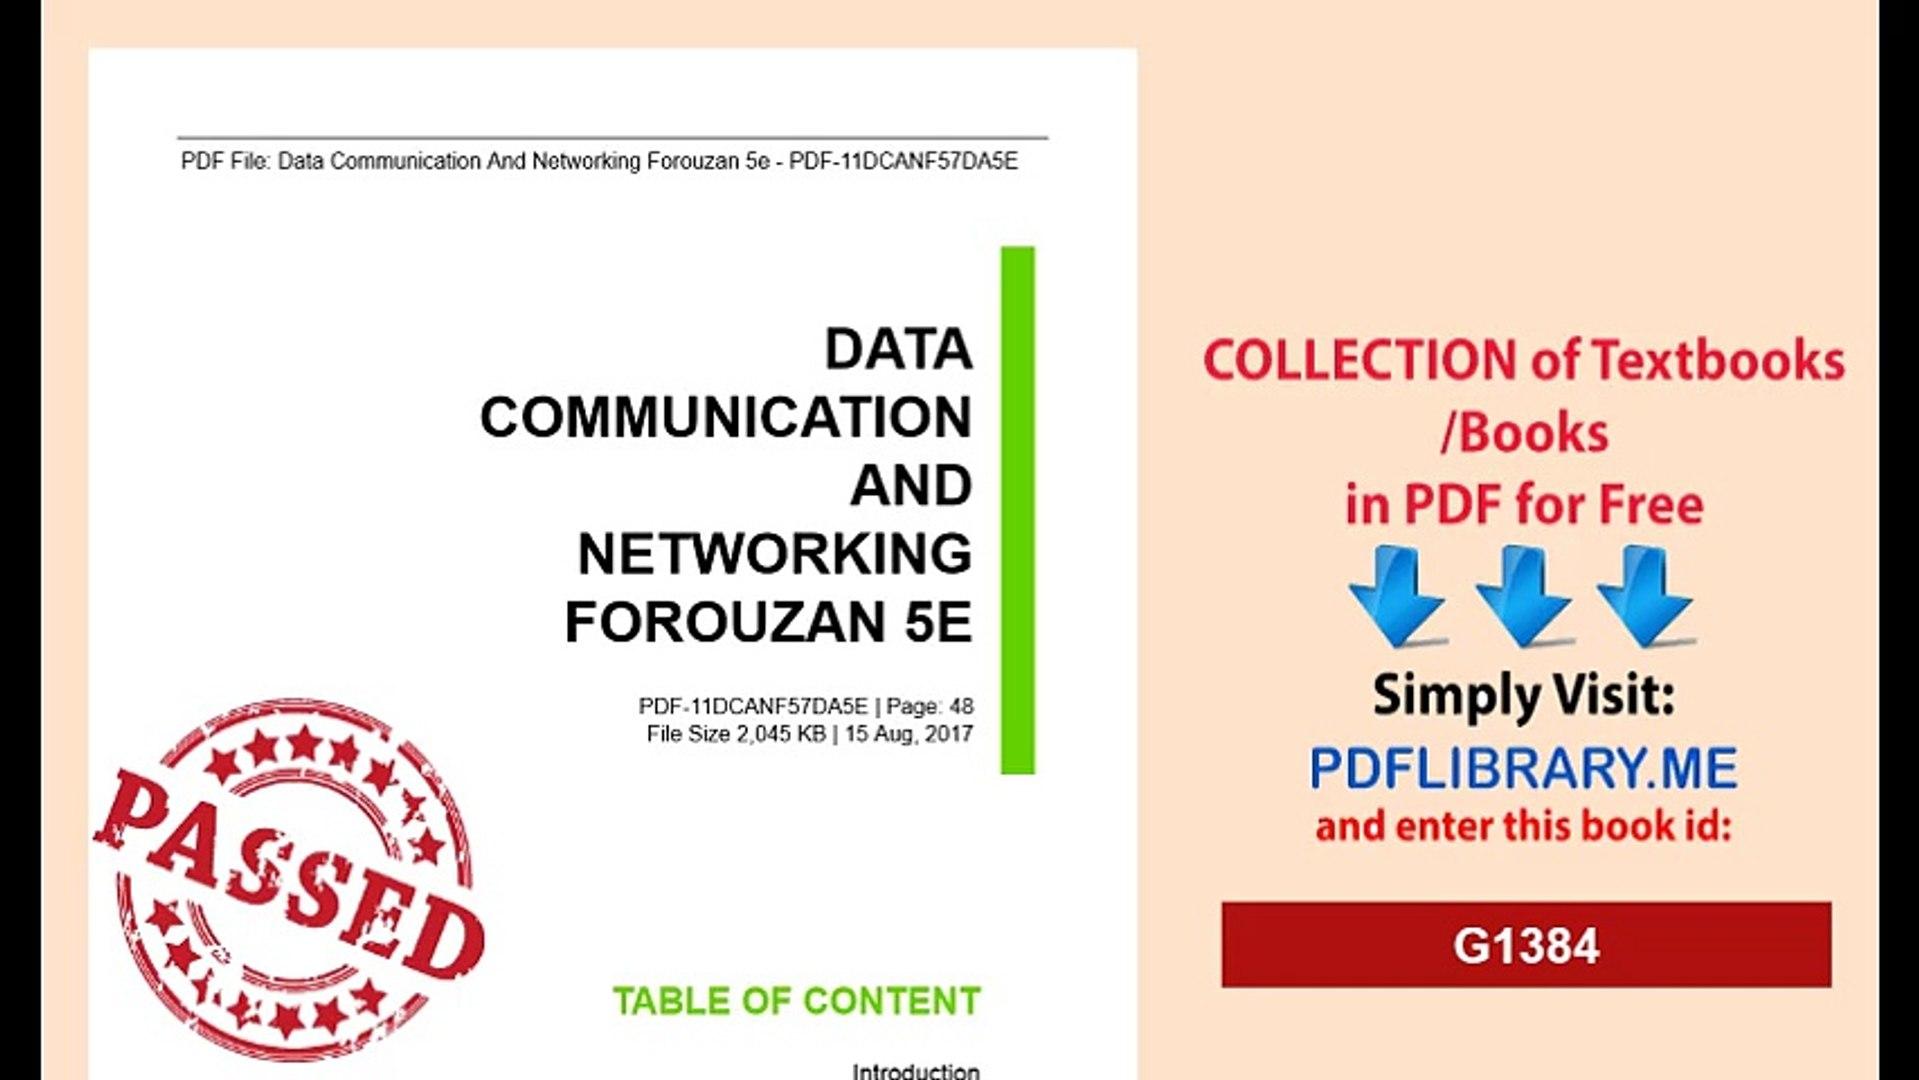 Data Communication And Networking Forouzan 5e